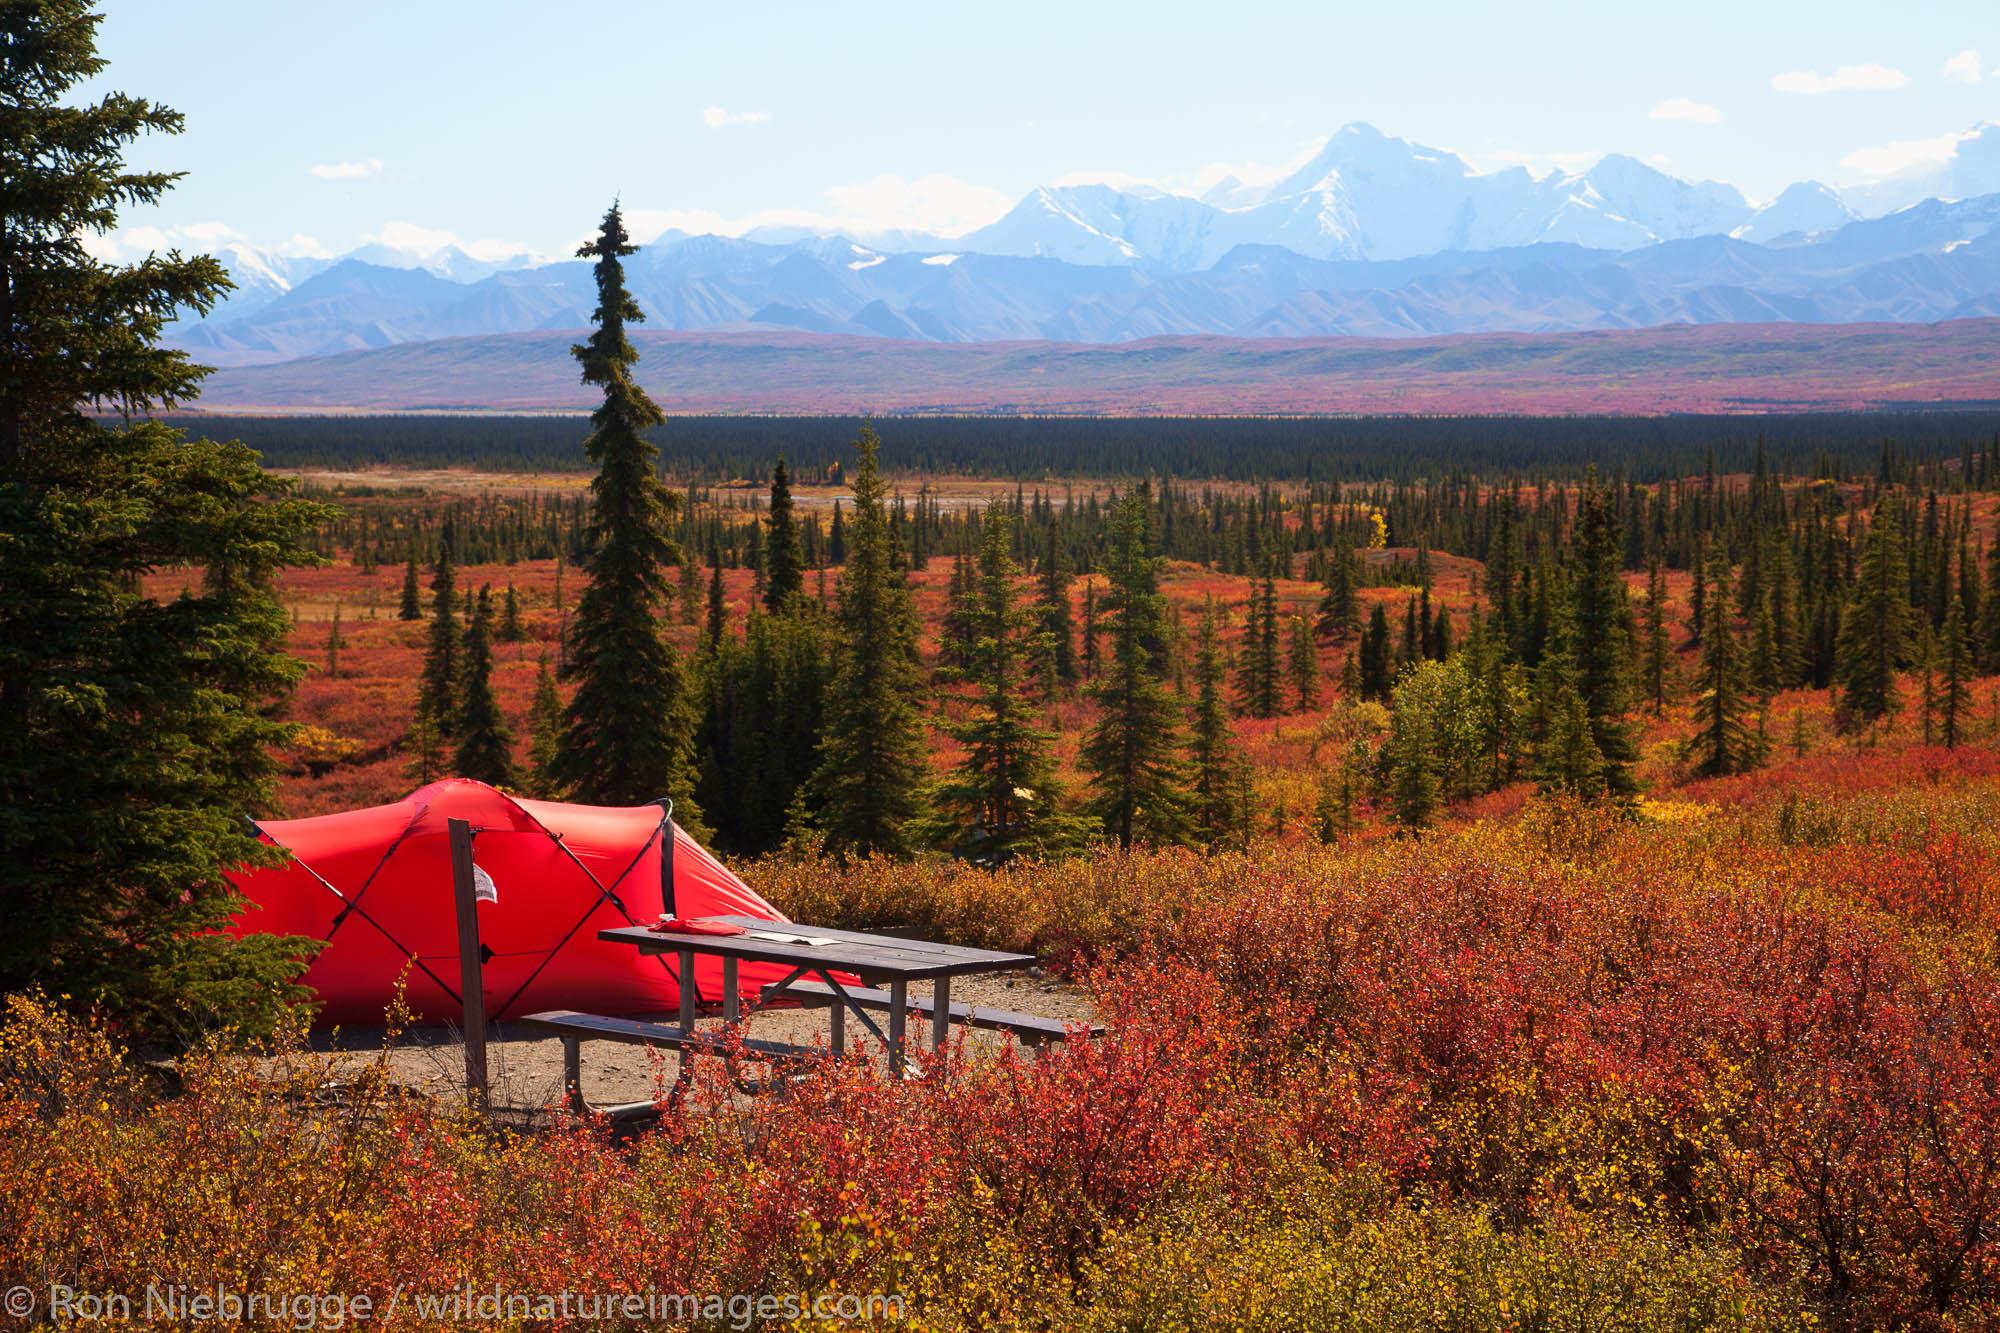 Tents at the Wonder Lake Campground, Denali National Park, Alaska.